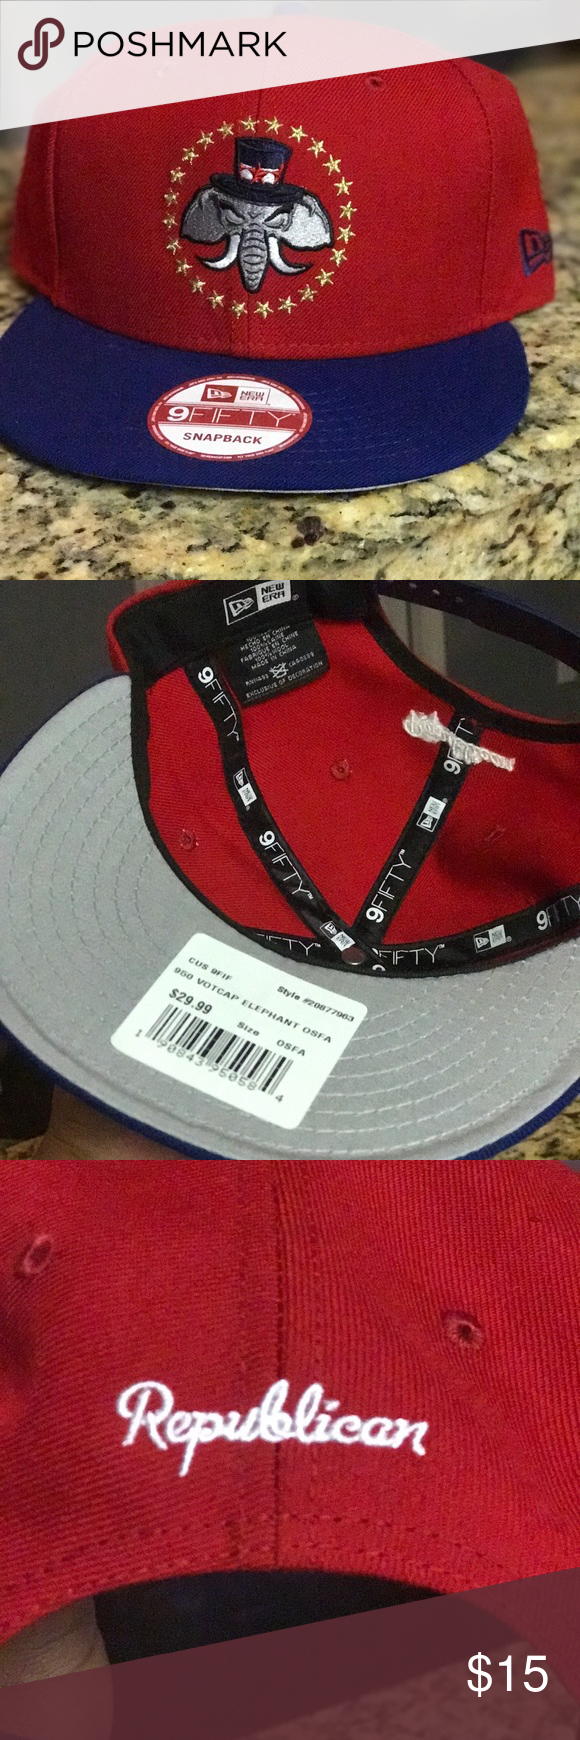 379cf7374d8 RARE NEW ERA REPUBLICAN (VOTE-CAP) SNAPBACK BRAND NEW(NEVER WORN) NEW ERA  REPUBLICAN PARTY SNAPBACK.M L FIT New Era Accessories Hats